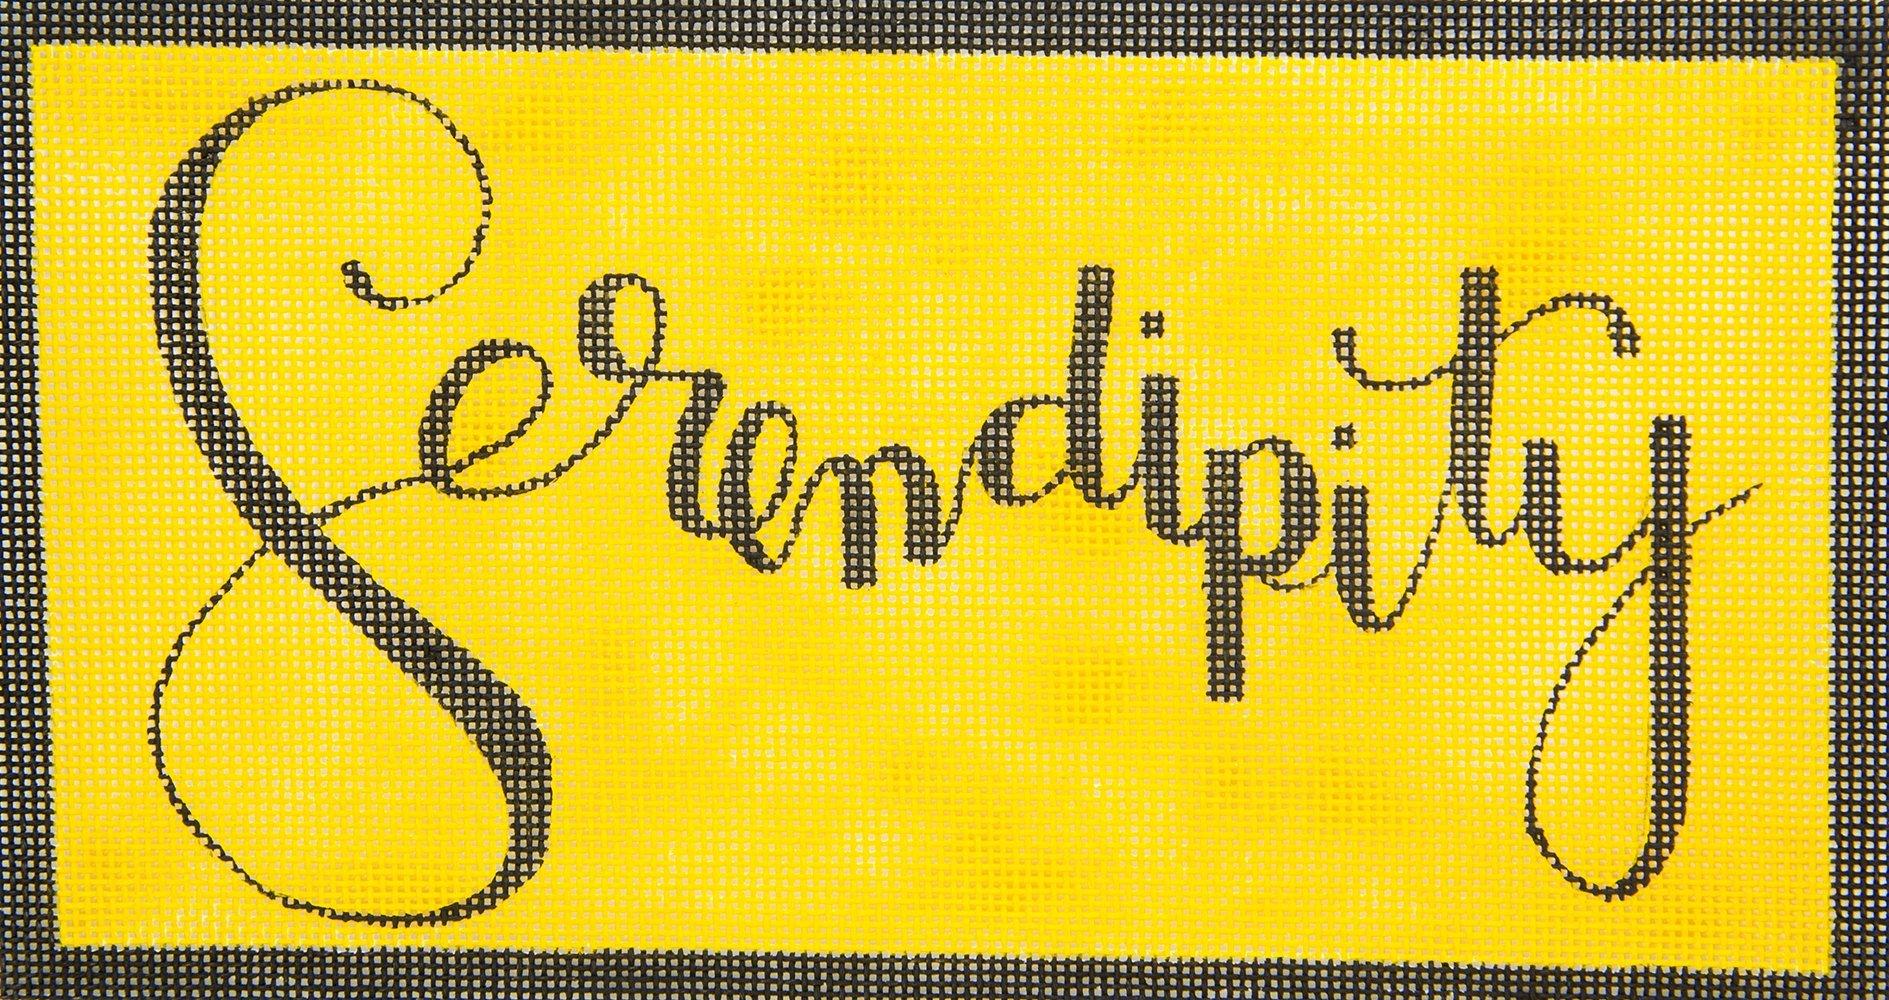 Serendipity on Yellow Oasis Needlepoint